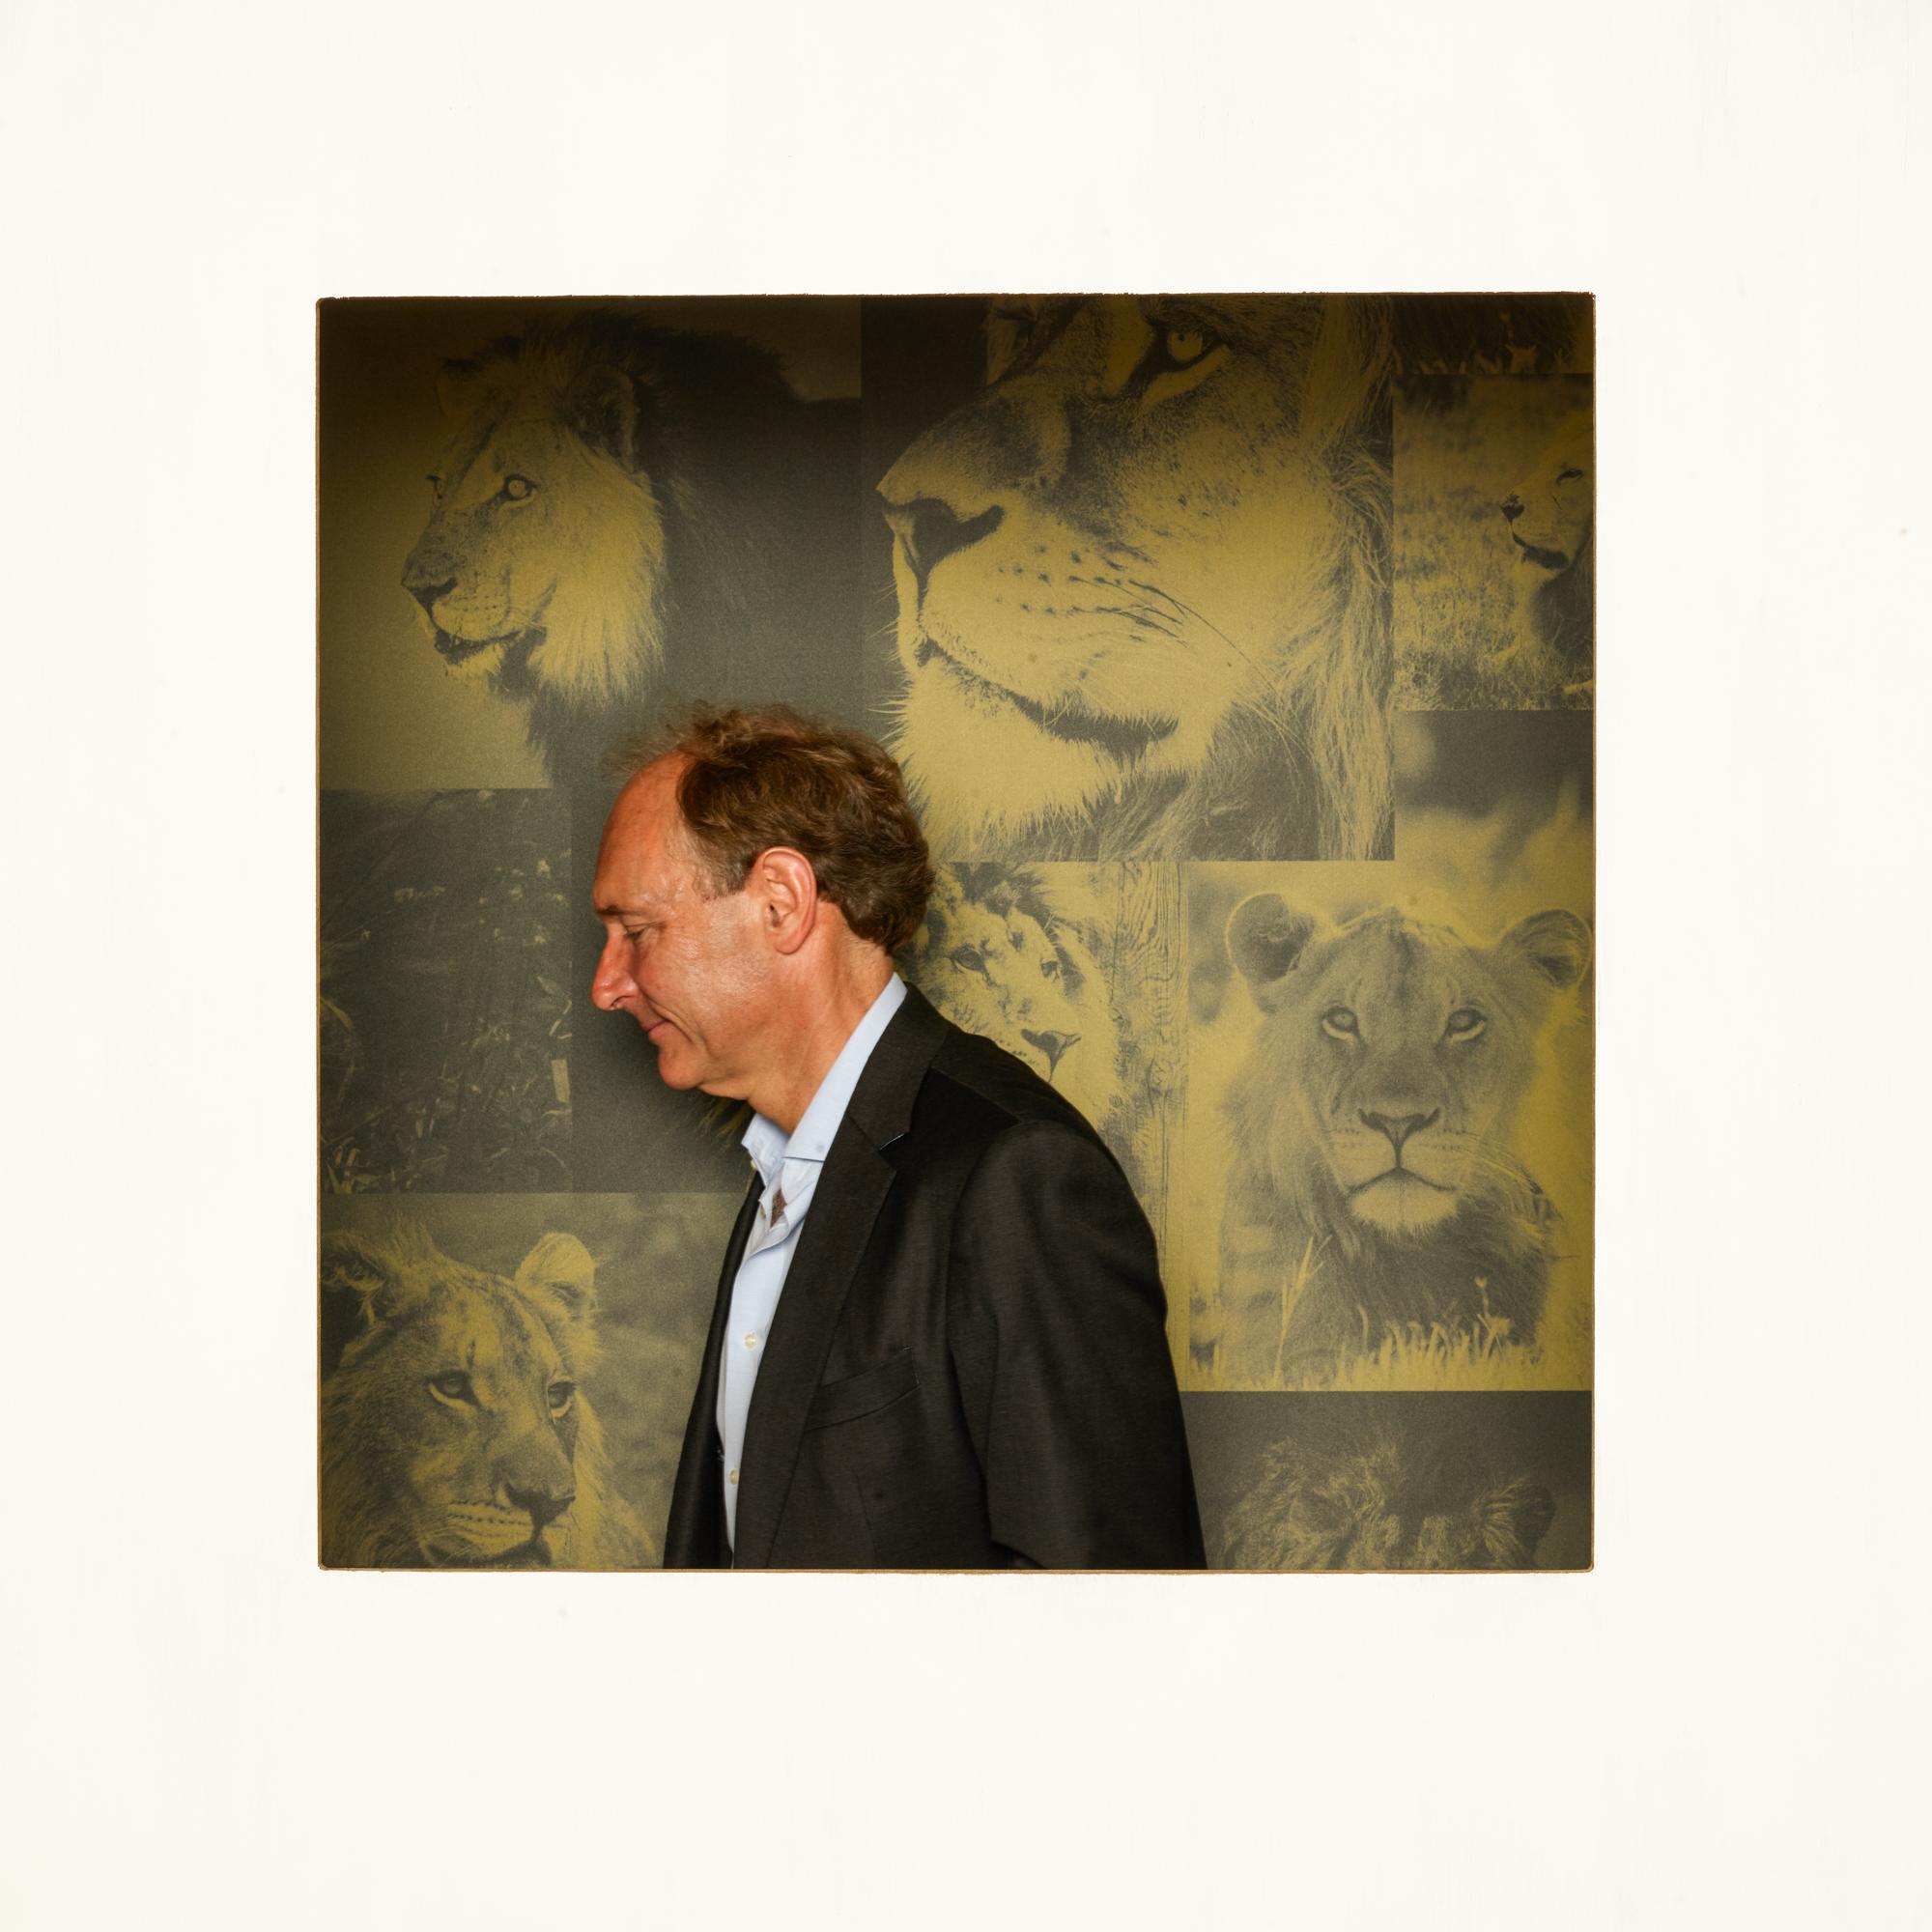 02_Sir_Tim_Berners_Lee_04.jpg